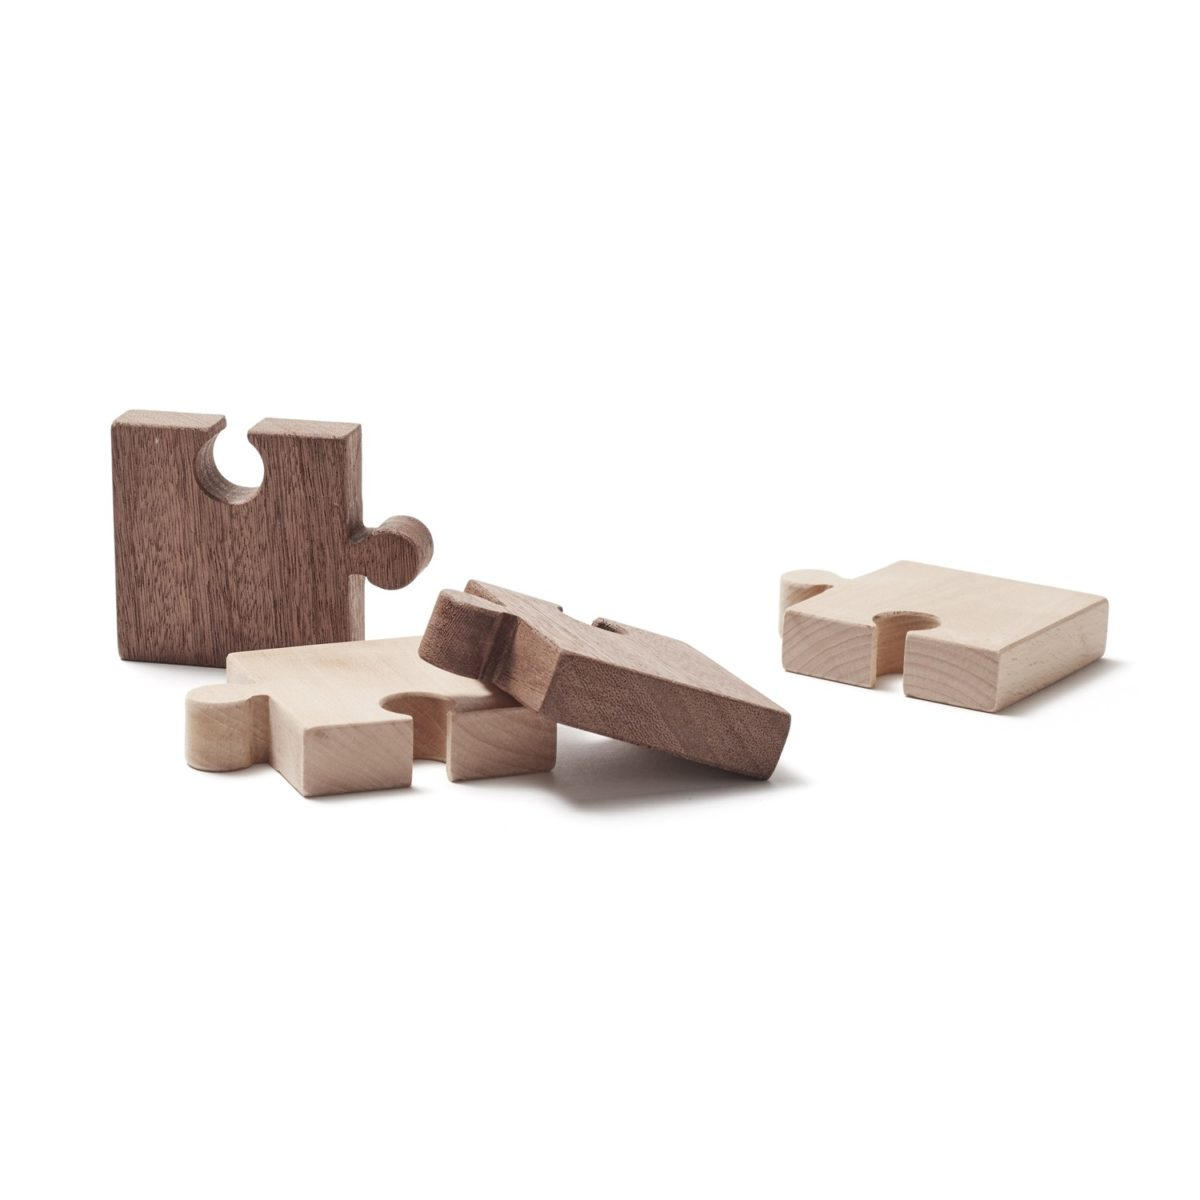 Puzzle natur 4-teilig 15x15 cm